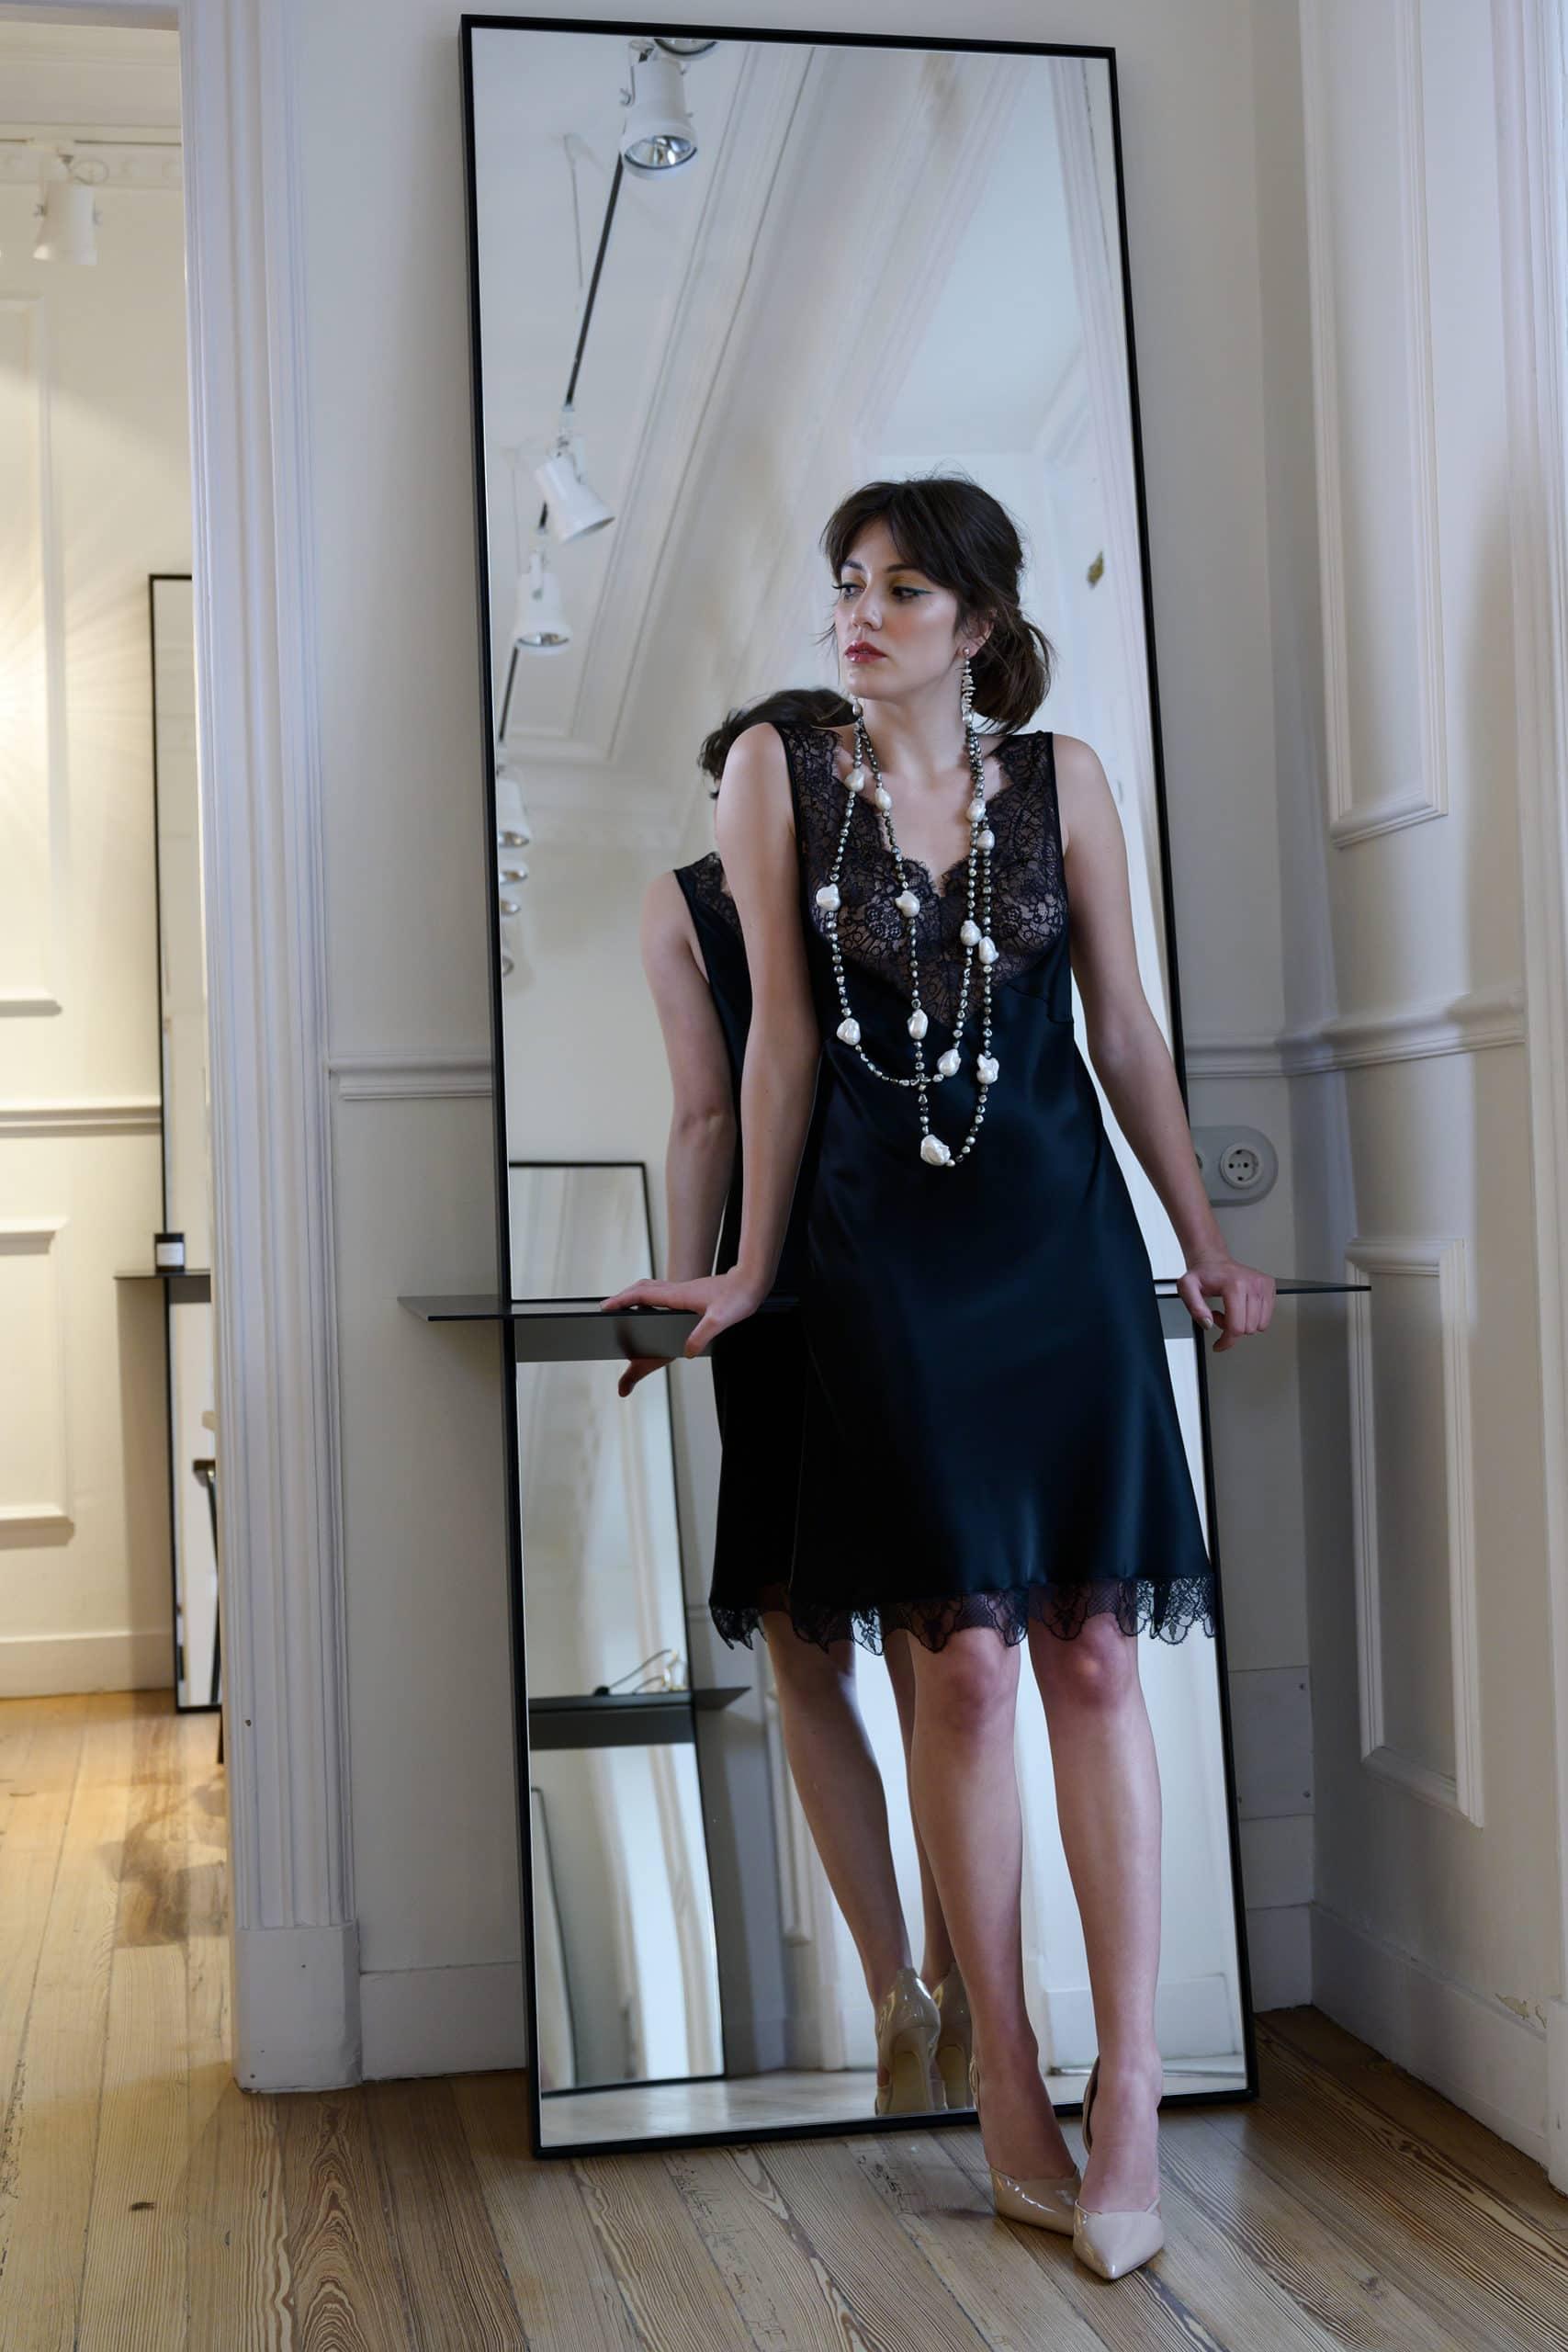 Vestido de fiesta hecho a medida en atelier de A Coruña. Vestido lencero con corte al bies y bonda de encaje en escotes y bajo